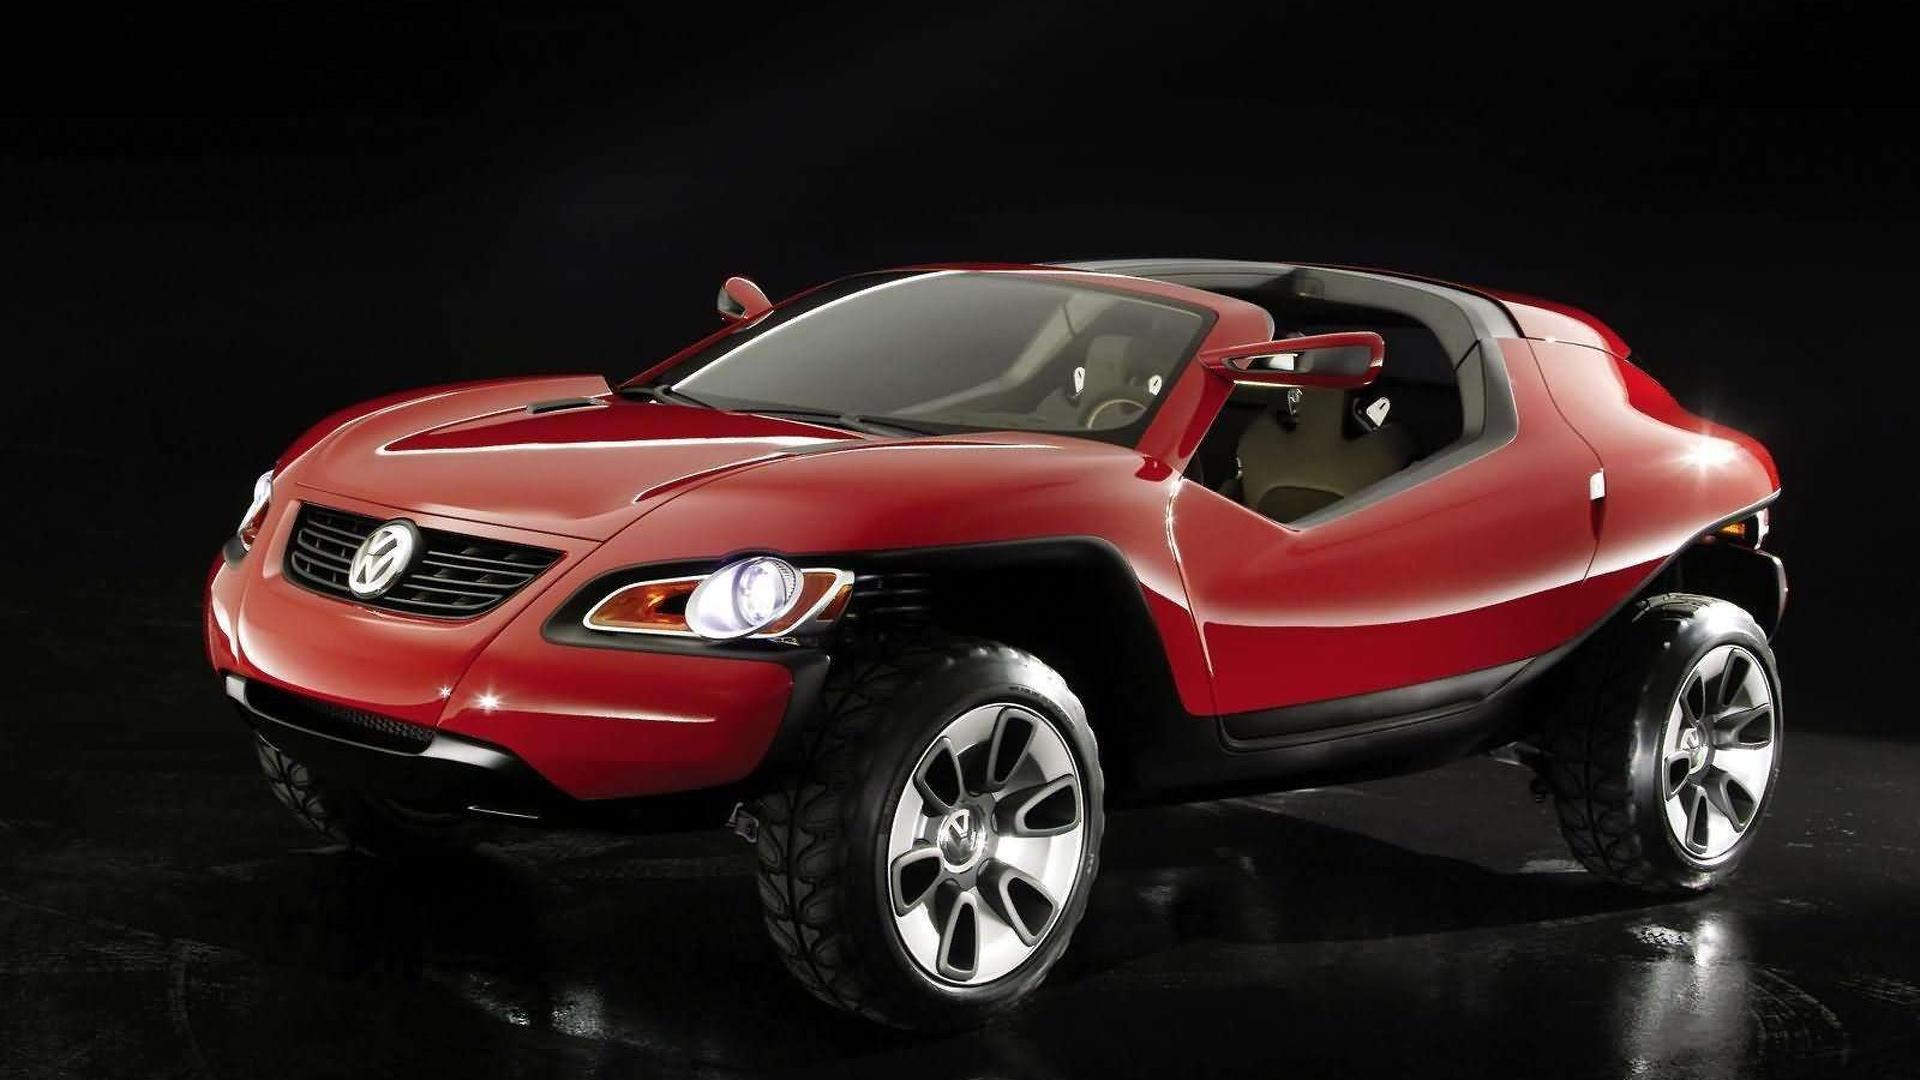 2004-vw-concept-t (4)